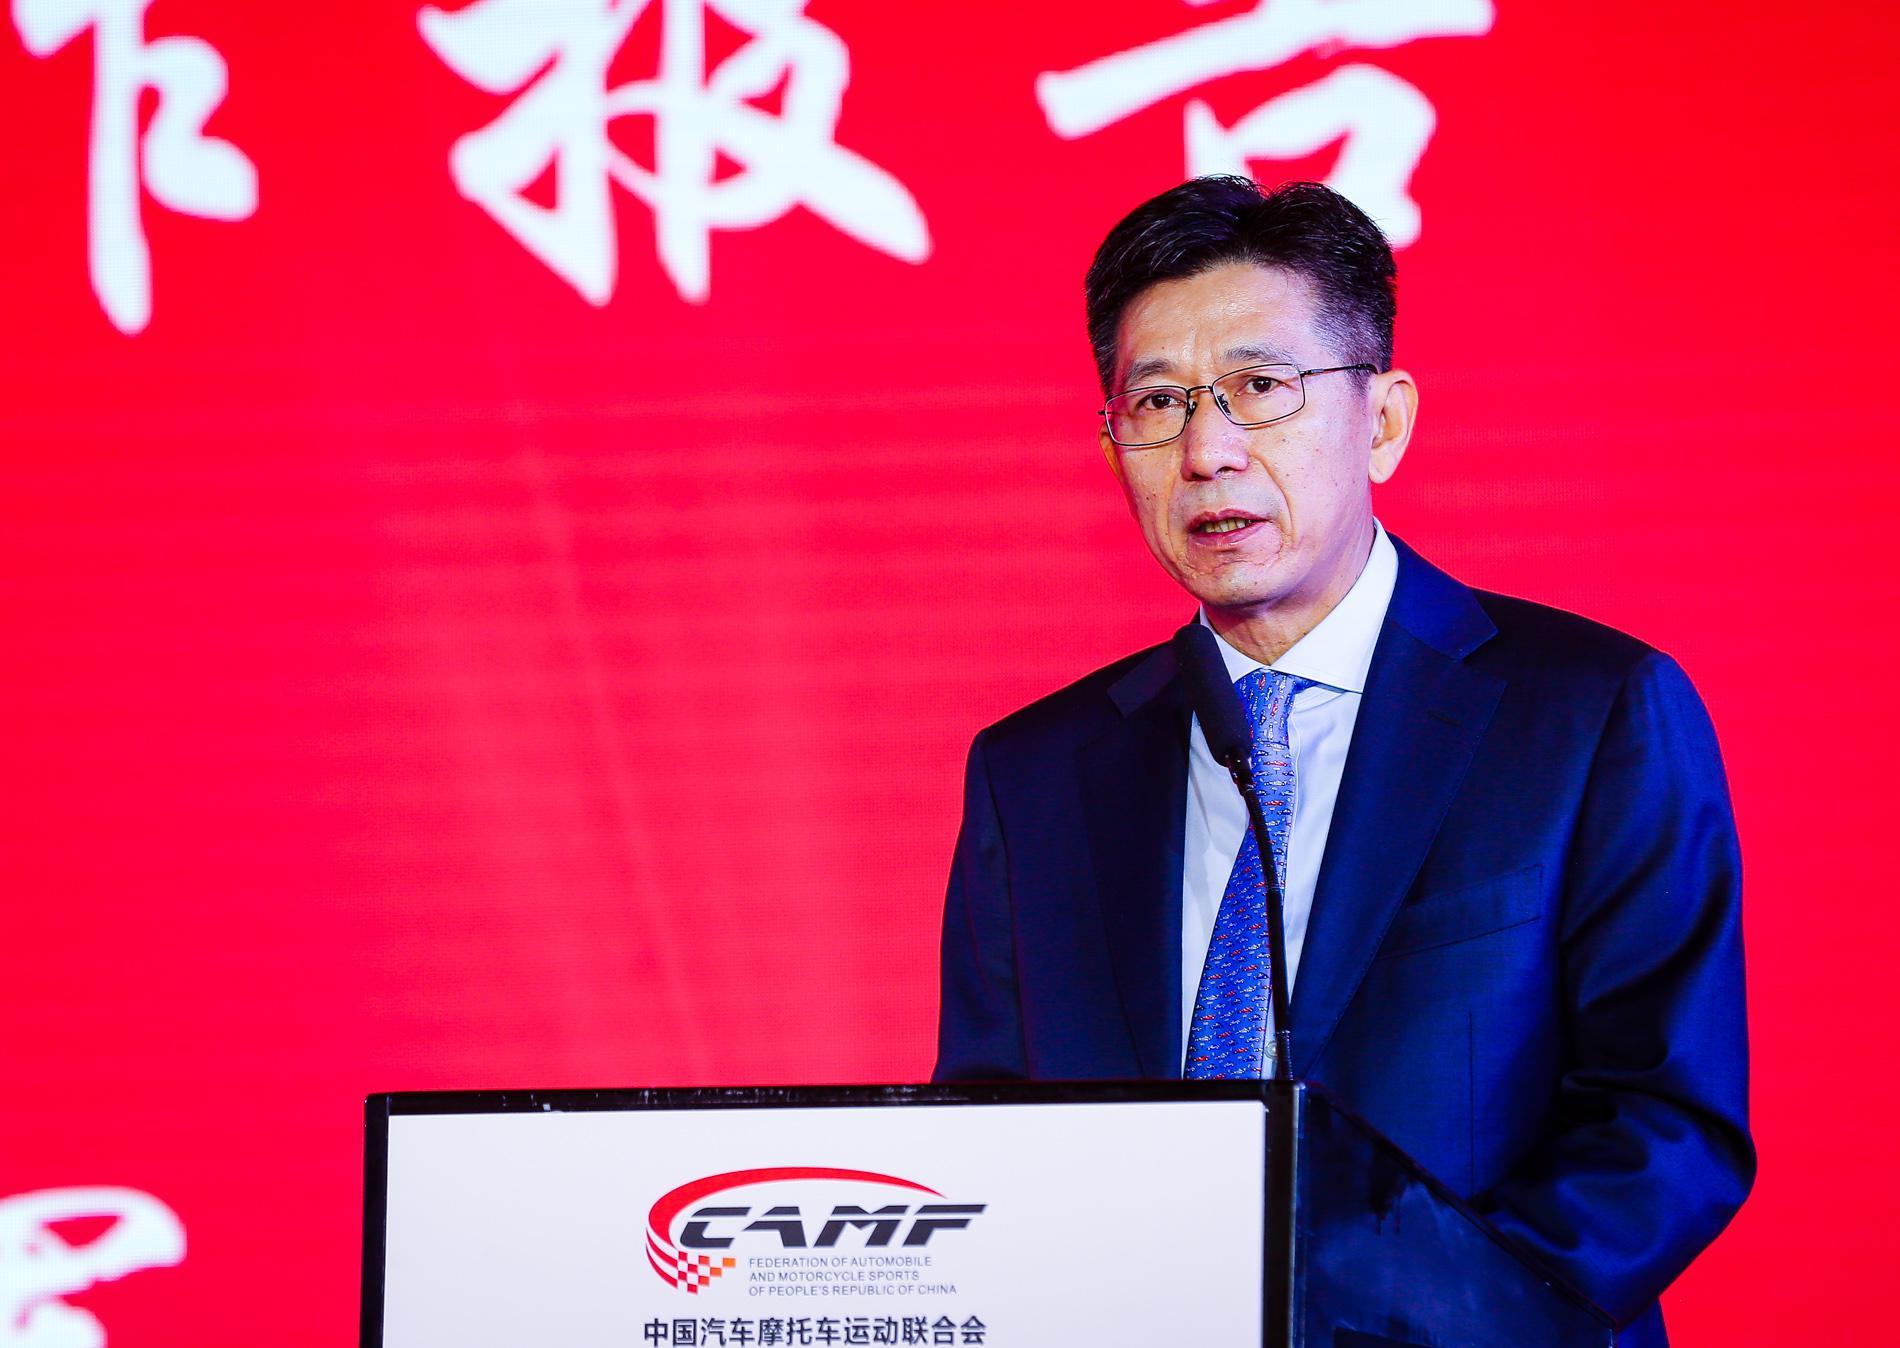 积跬步至千里 中汽摩联会员代表大会于郑州召开